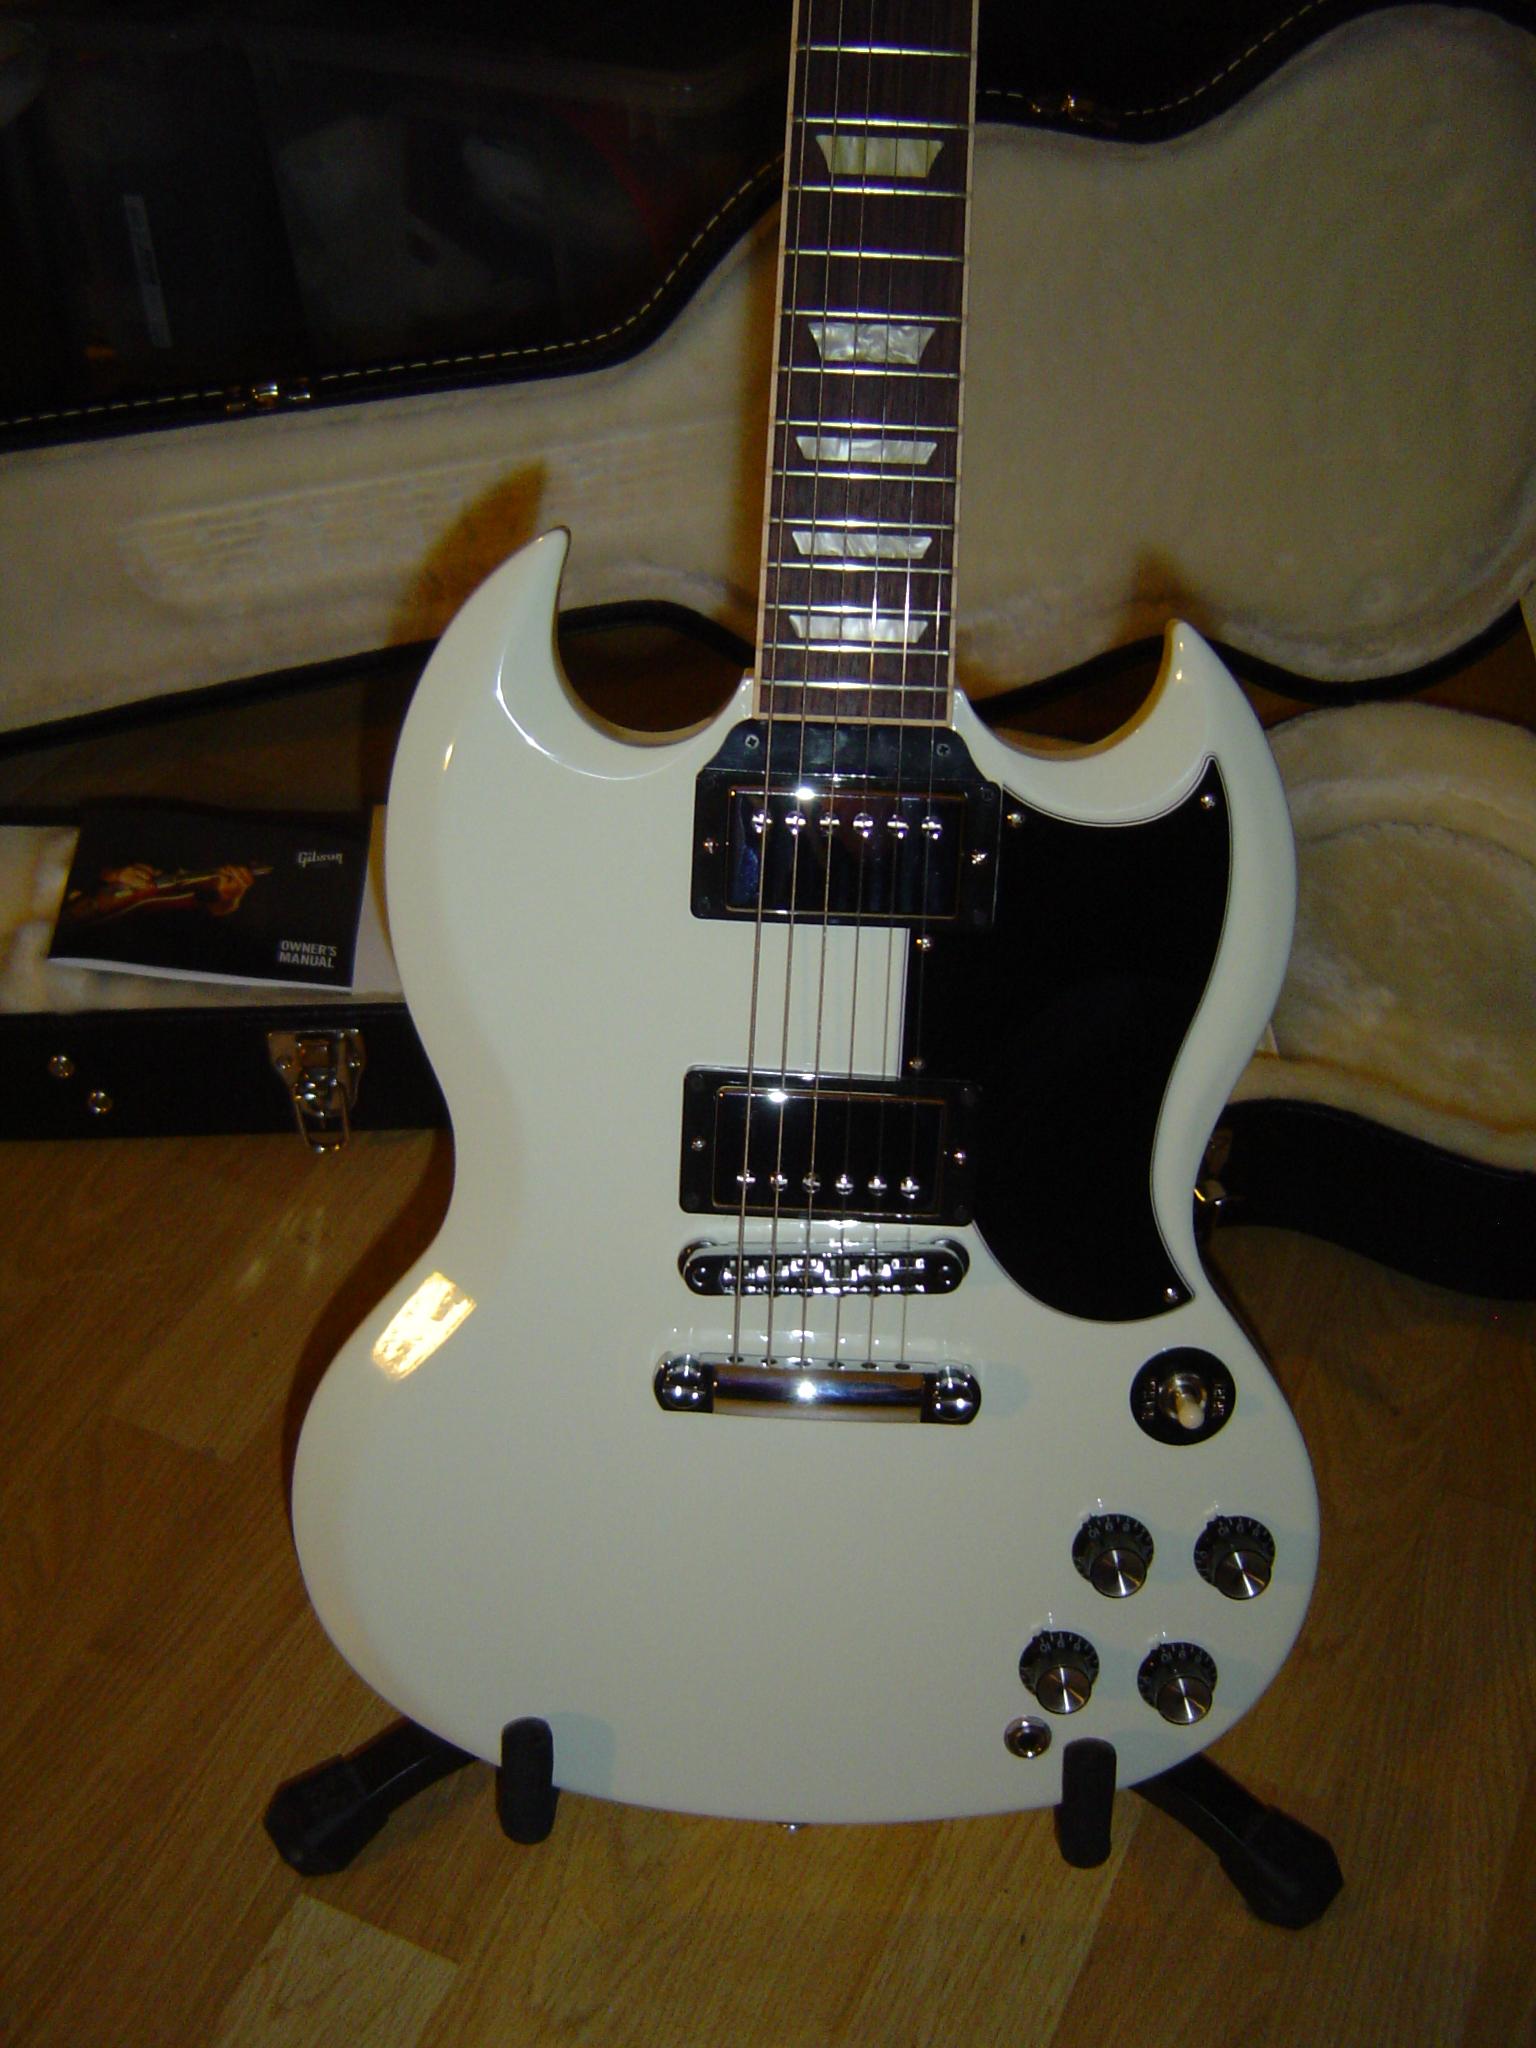 gibson sg standard 2013 w min etune classic white image 595204 rh en audiofanzine com Gibson ES-335 Gibson Flying V